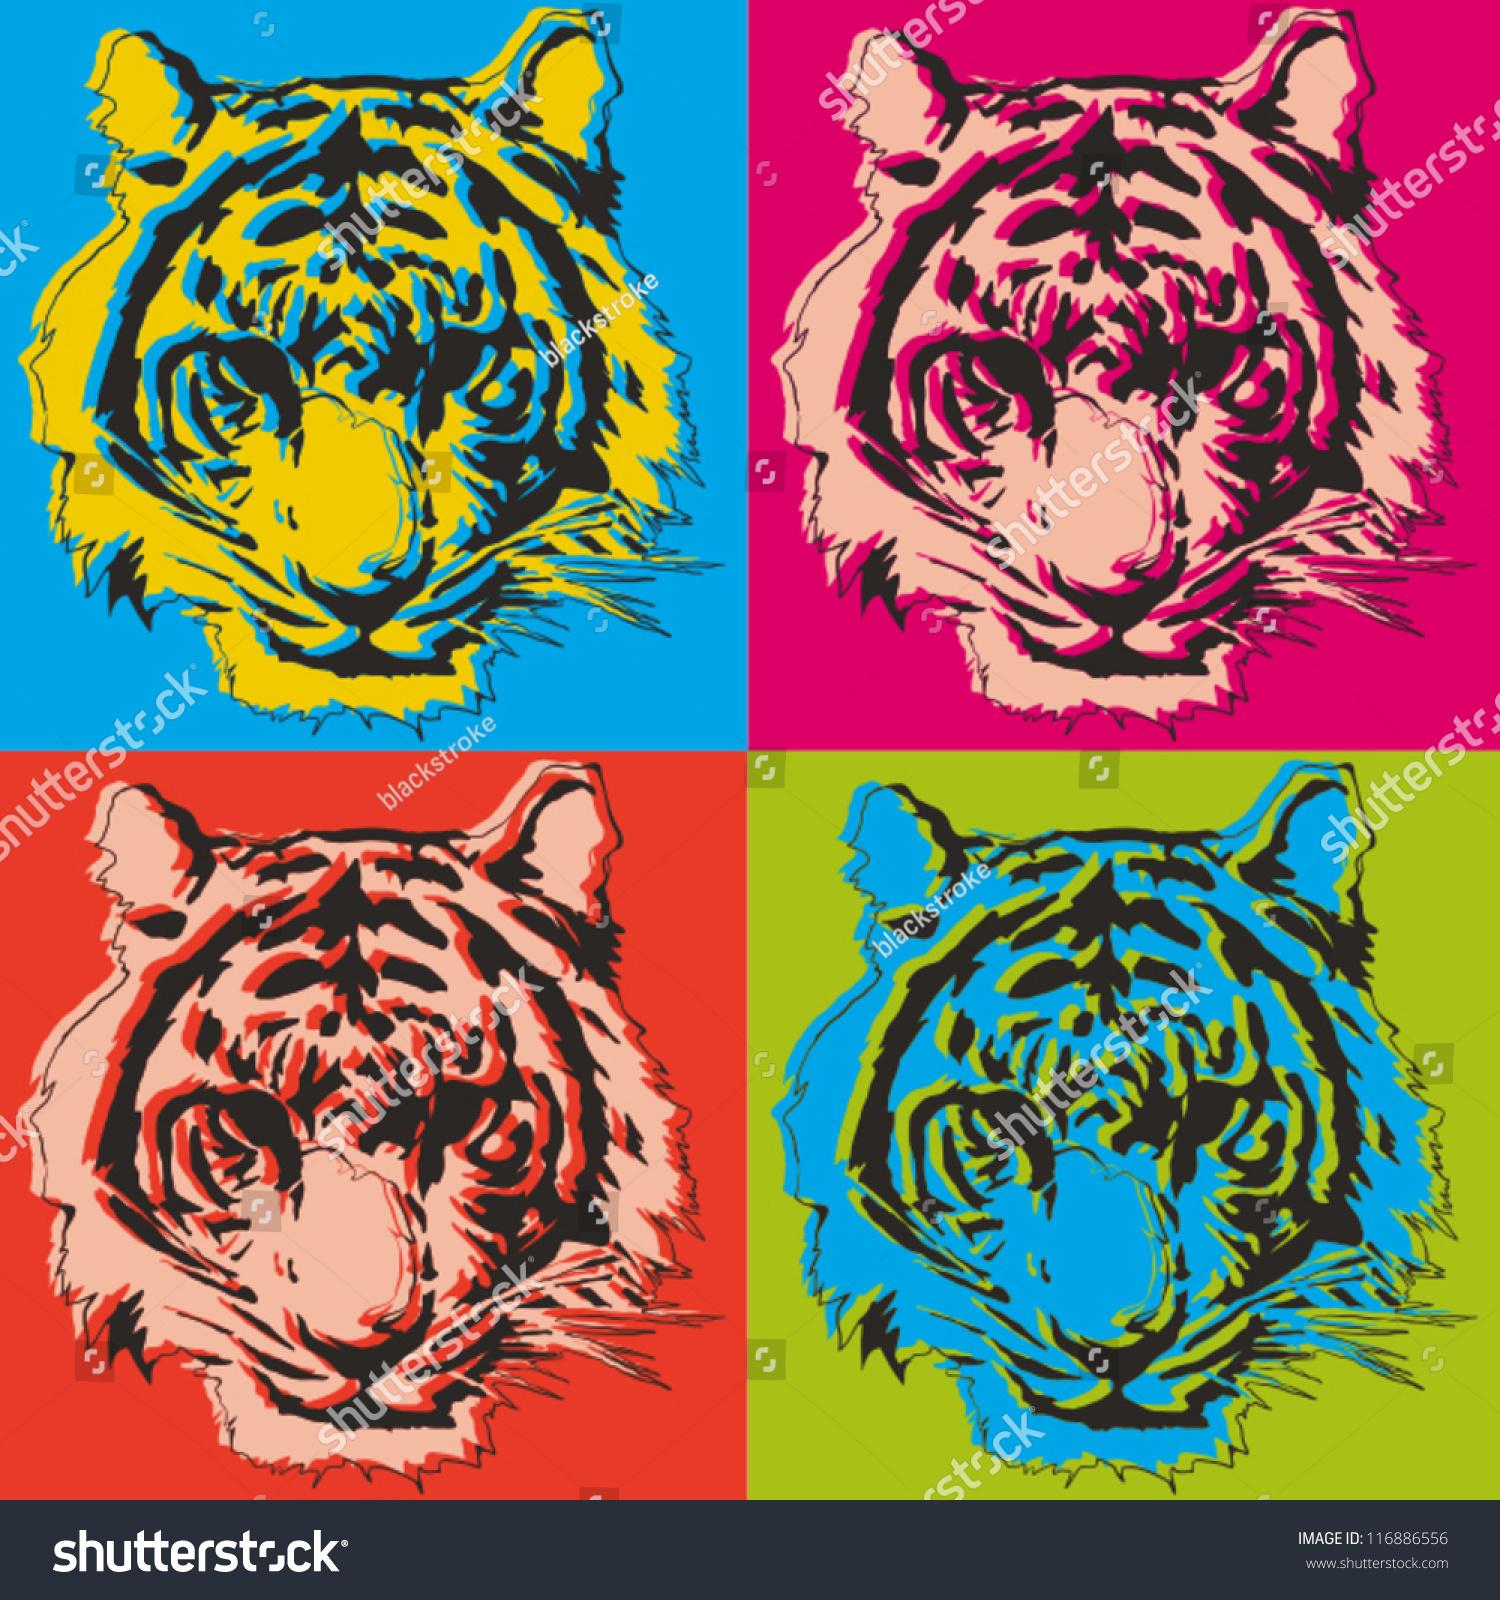 Art Illustration: Tiger Pop Art Illustration Stock Vector 116886556